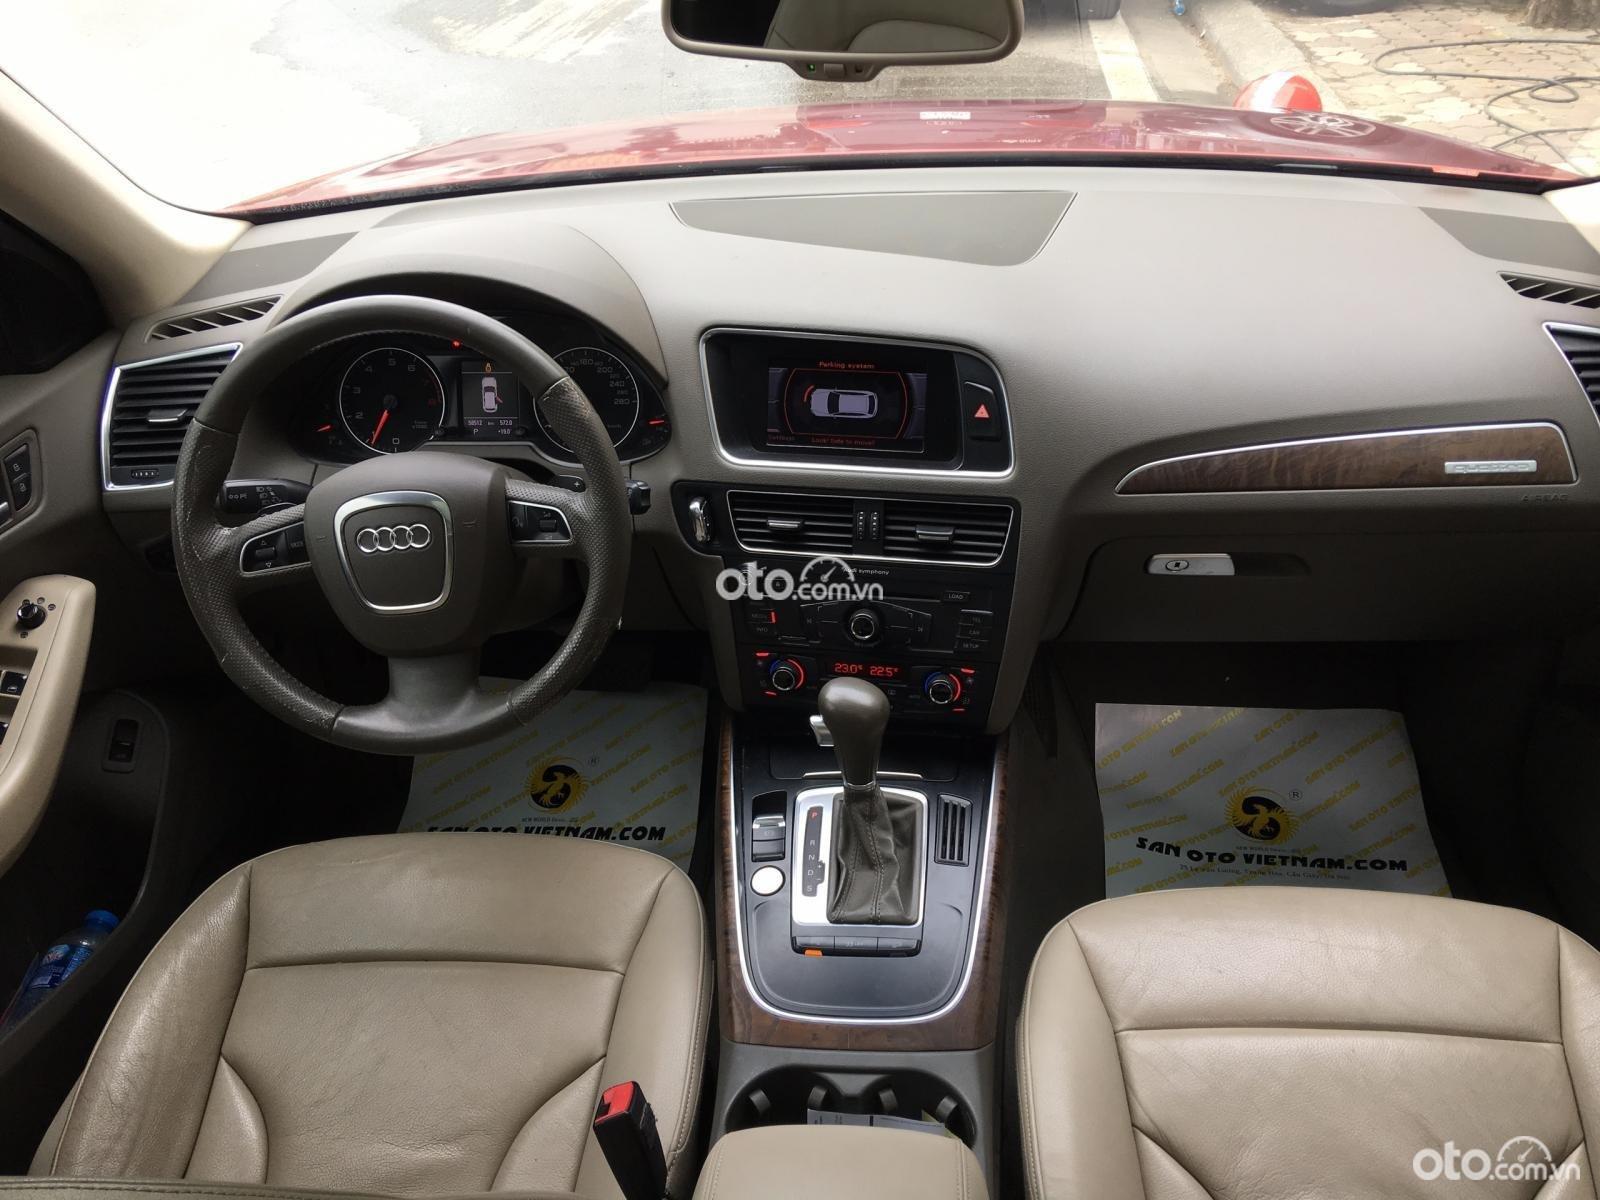 Bán ô tô Audi Q5 2.0T model 2012 nhập khẩu-9